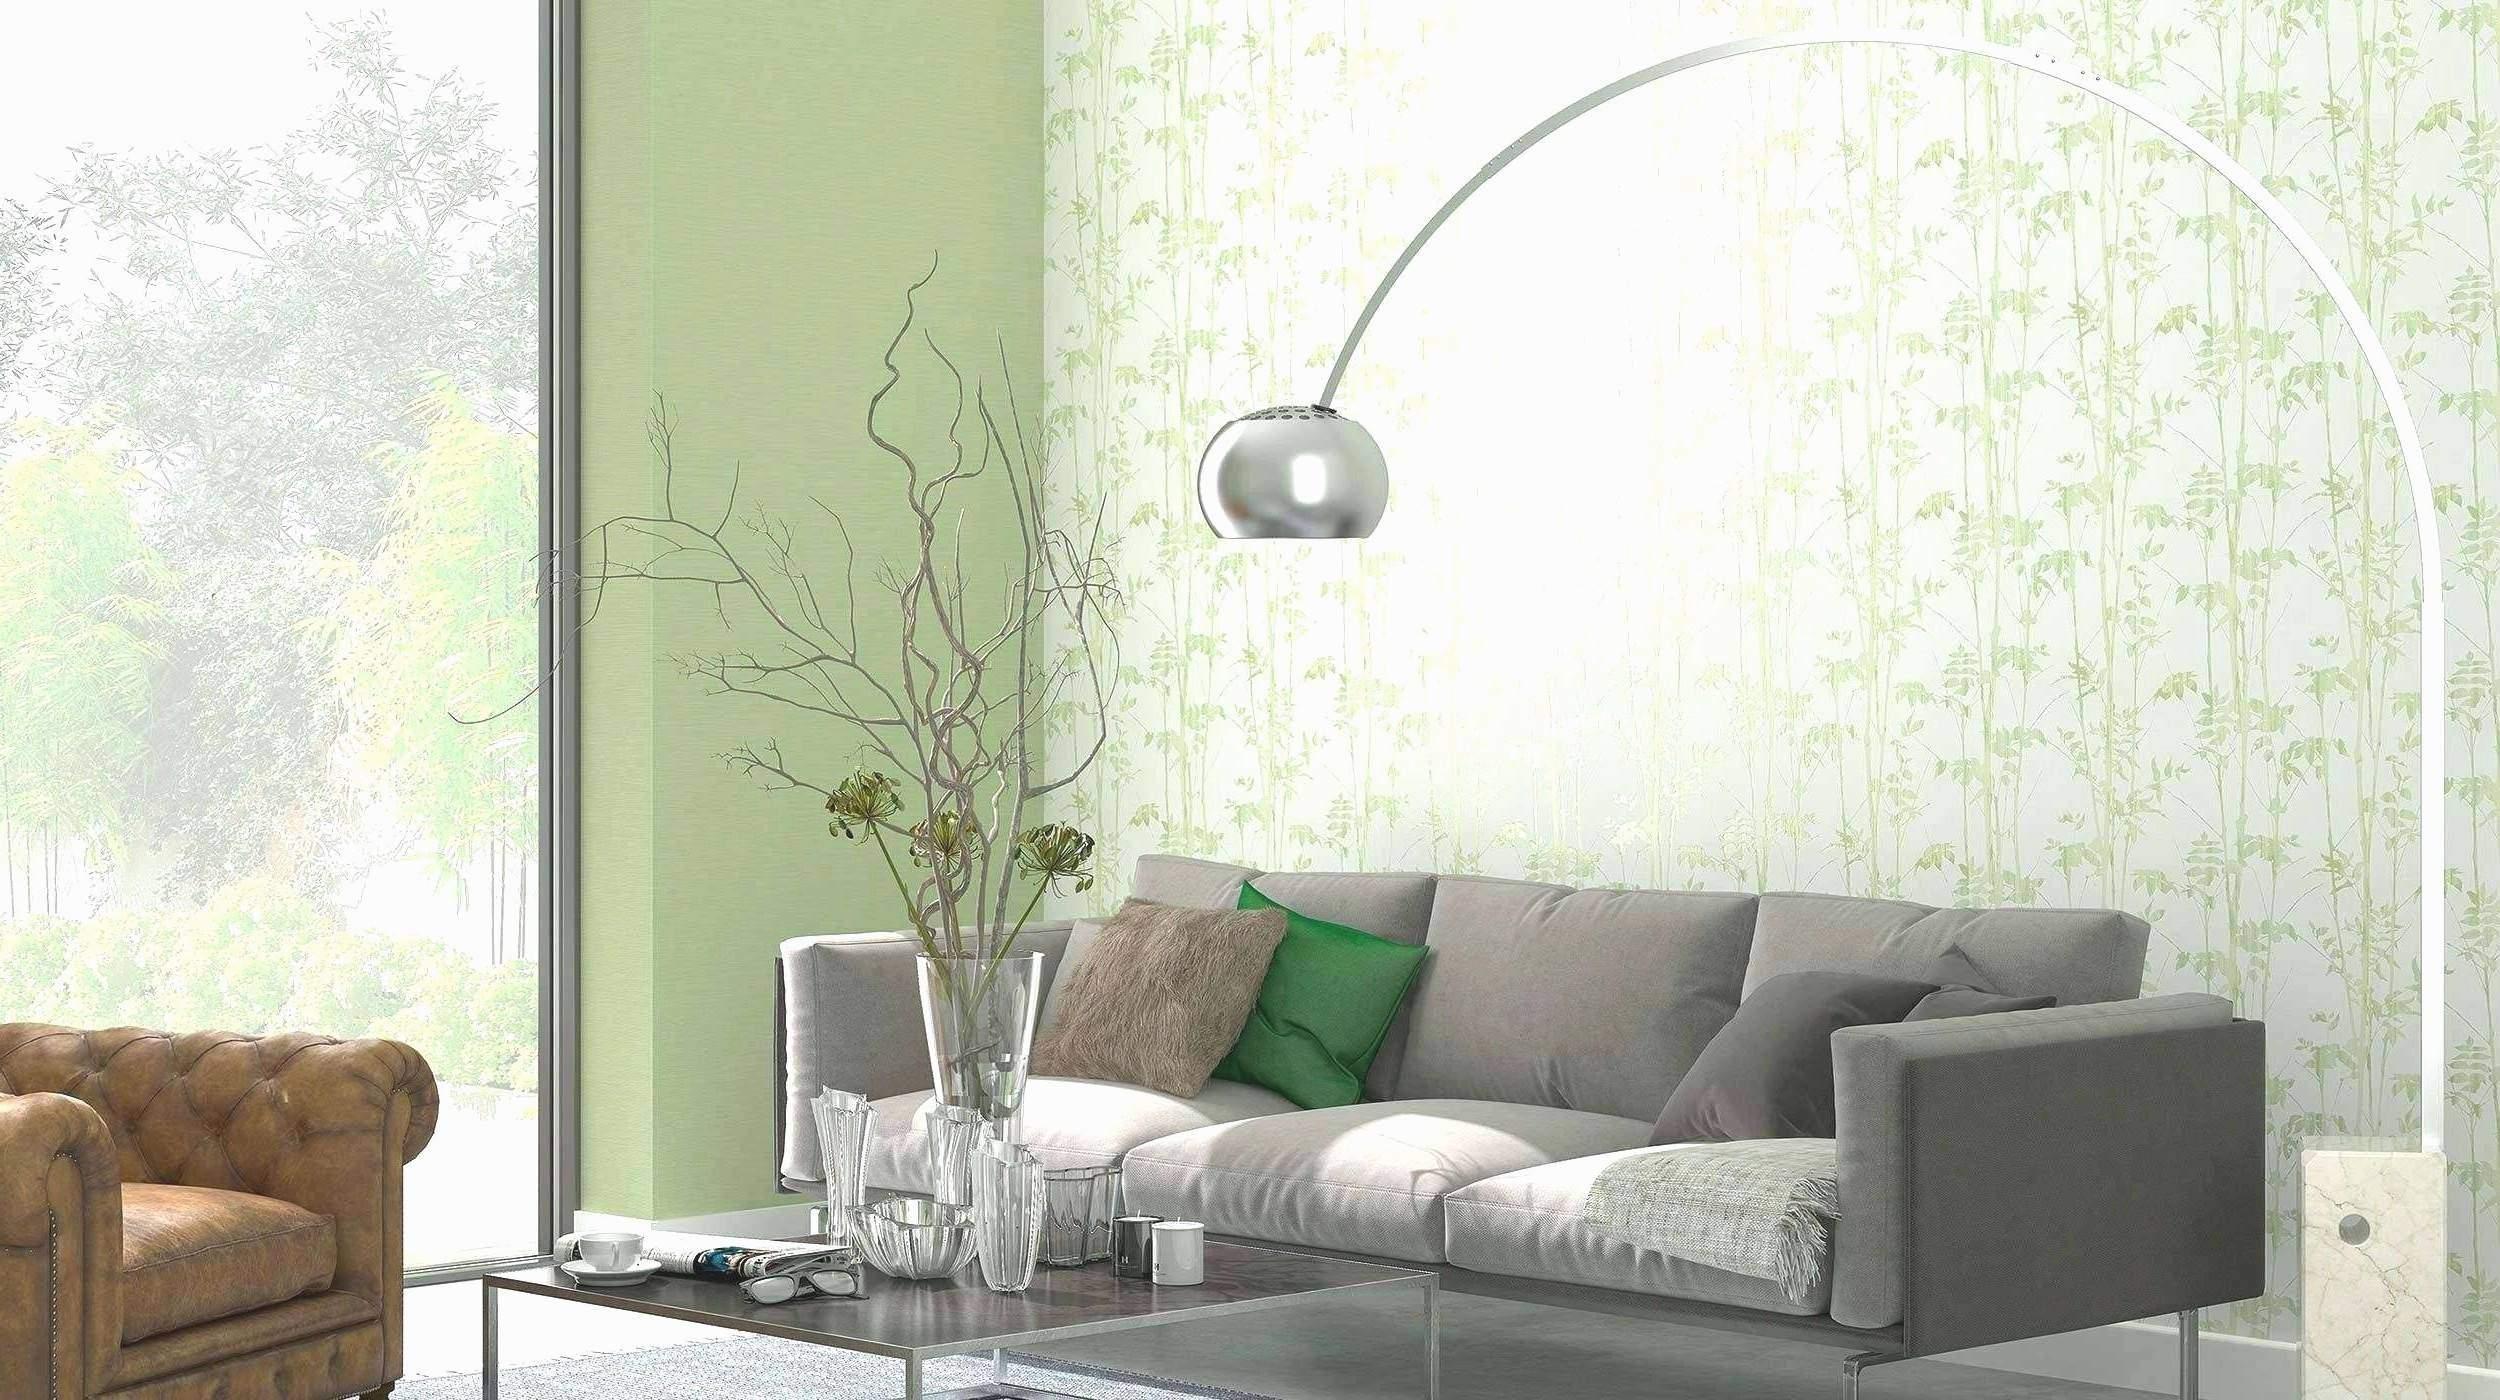 deko wohnzimmer vasen genial regal wohnzimmer deko reizend of deko wohnzimmer vasen